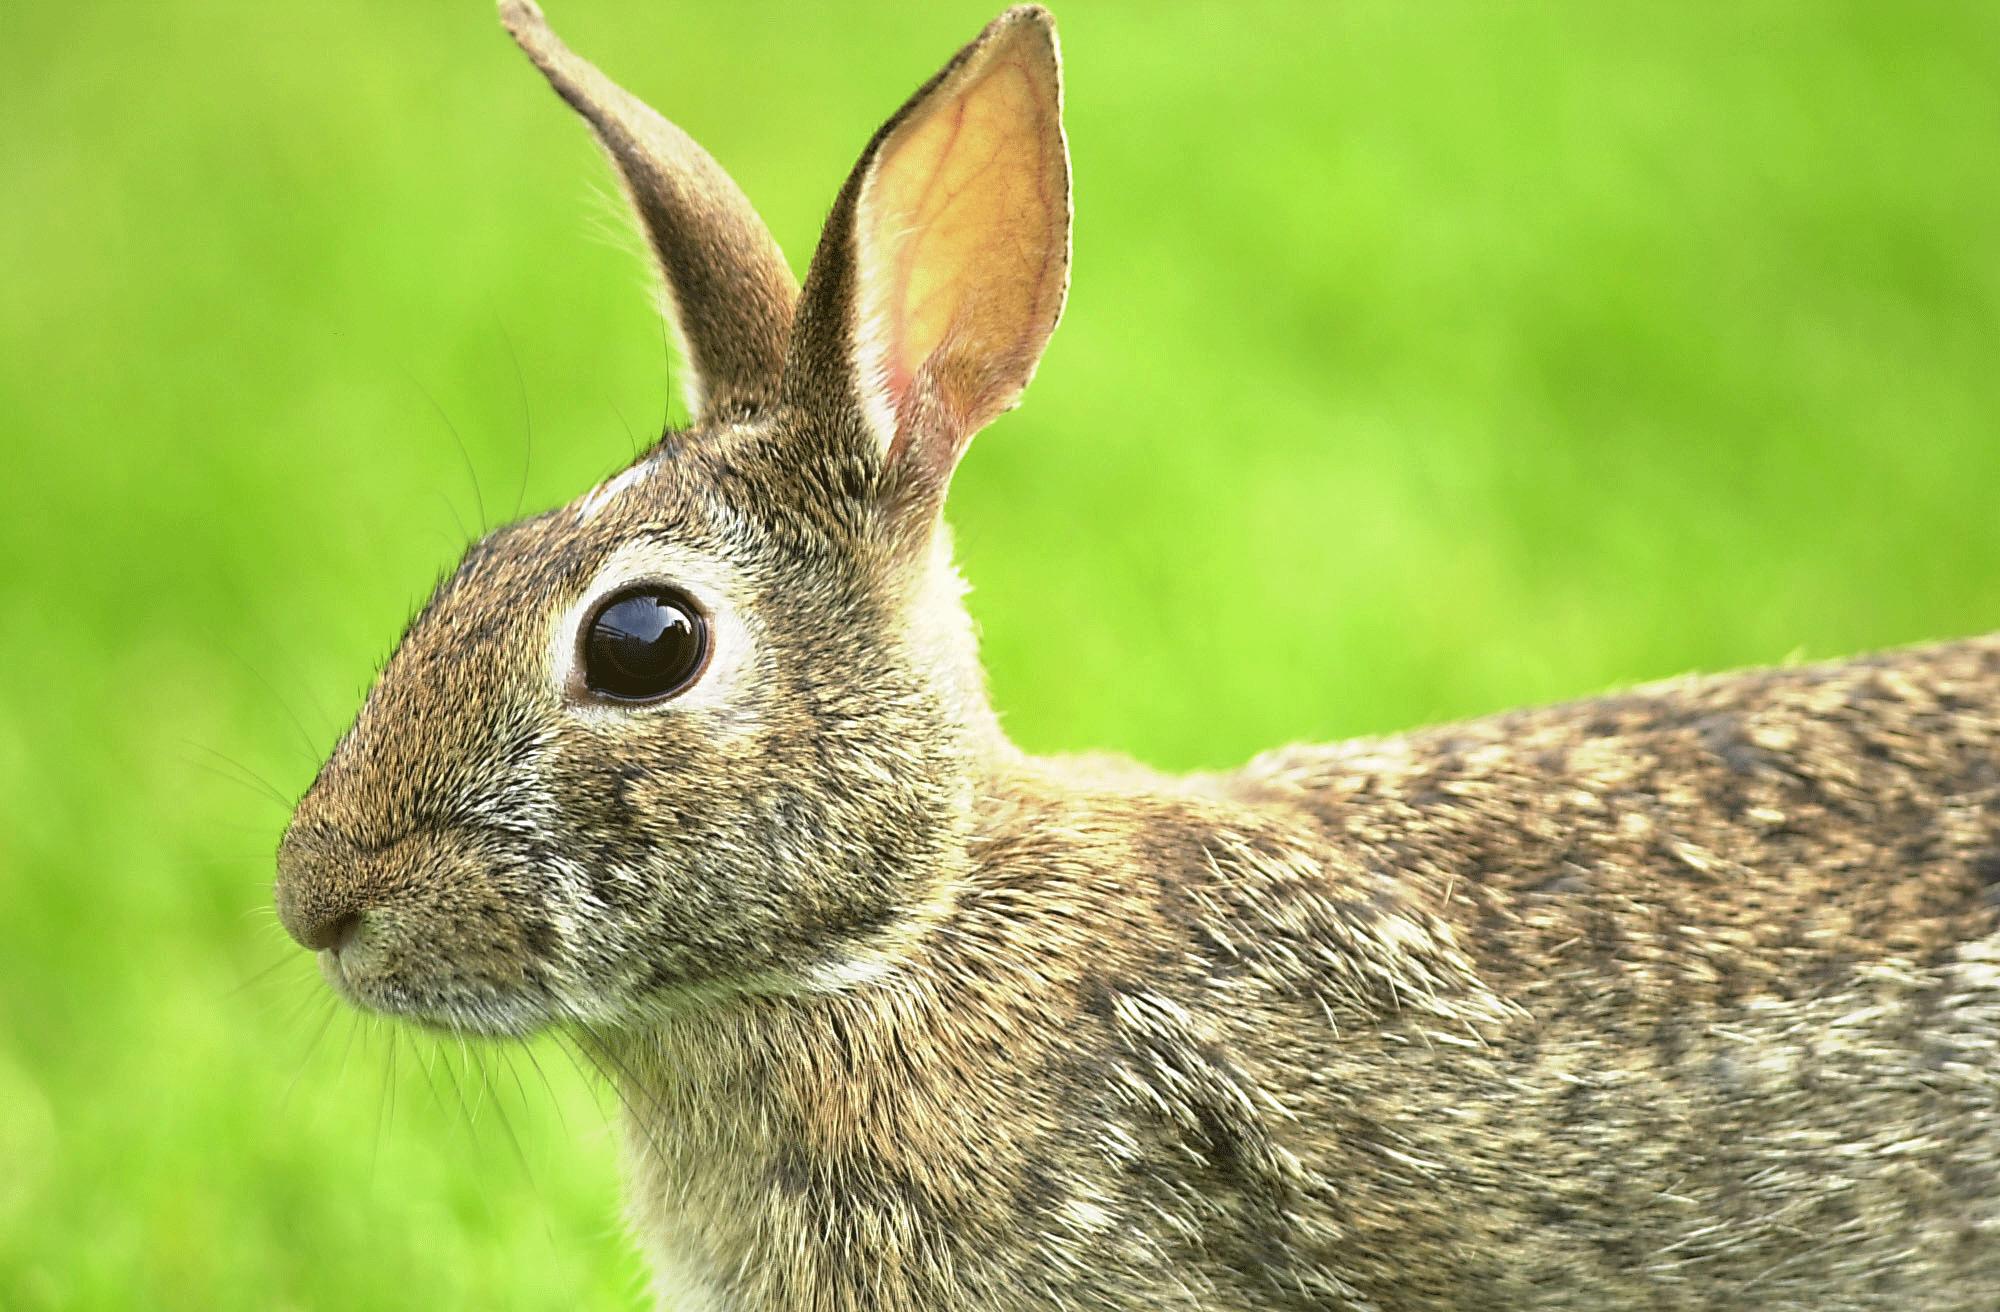 how to prepare wild rabbit